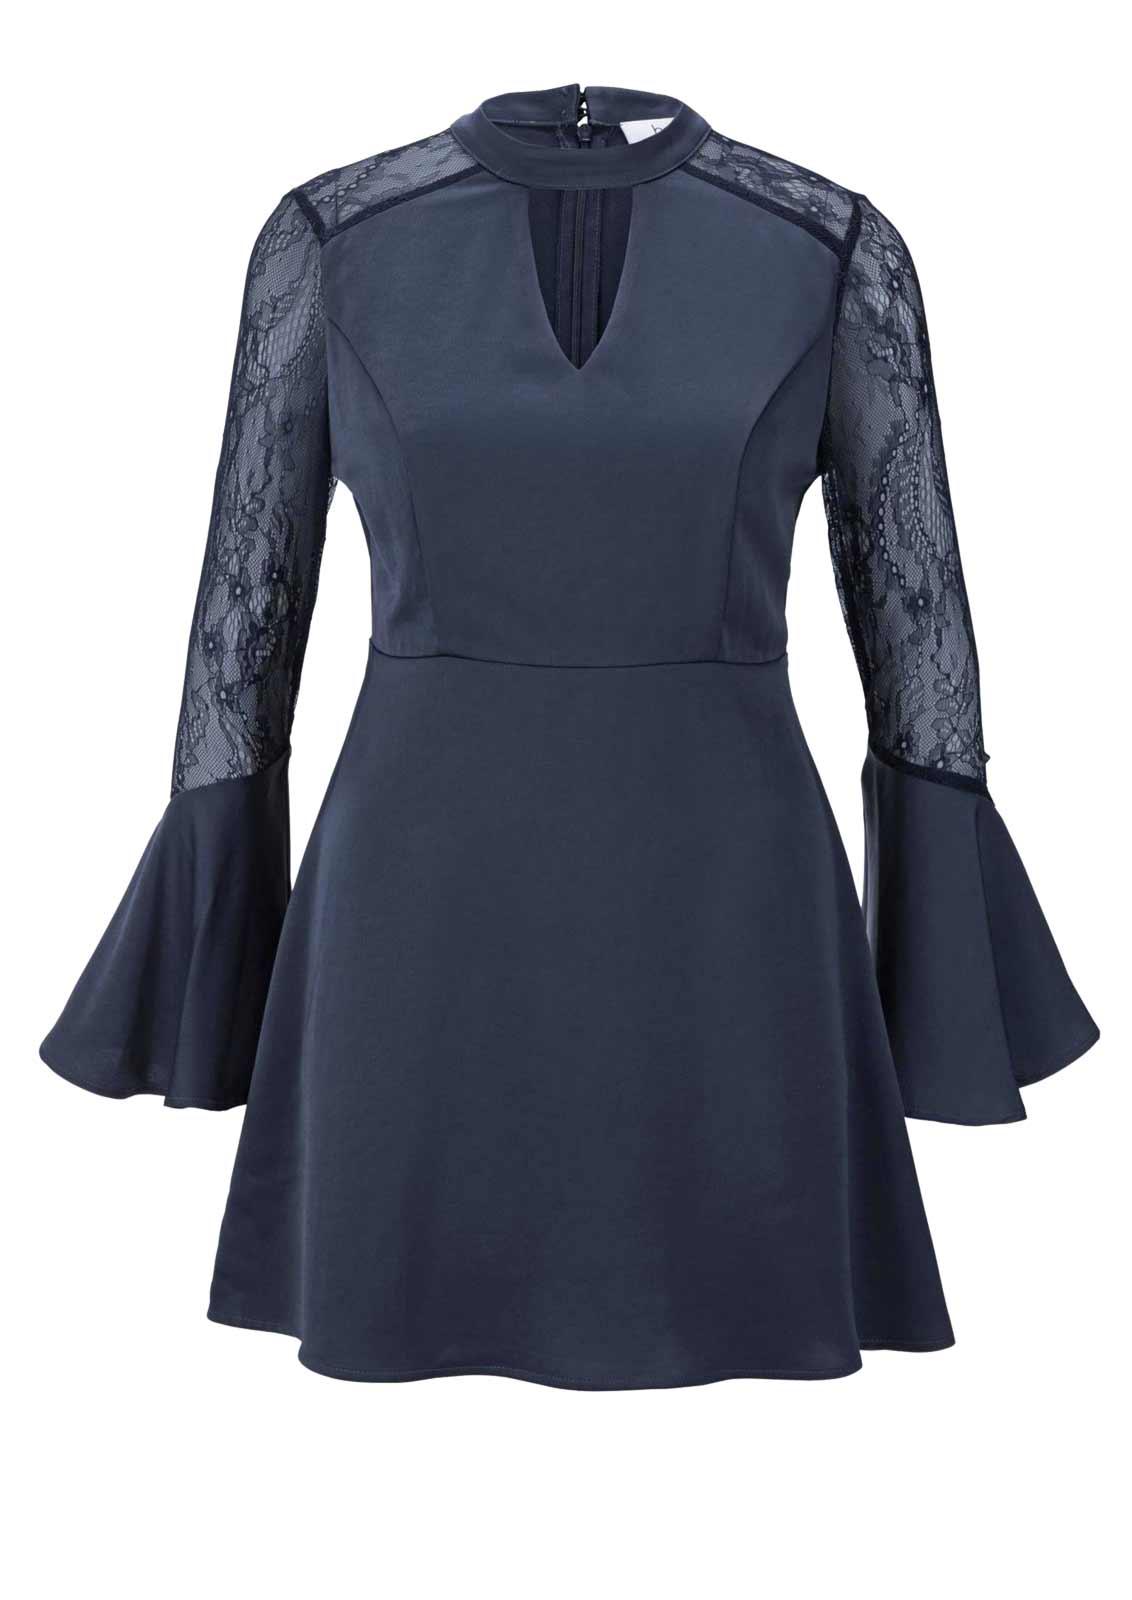 Ausgefallene Bluse Damen elegant dunkel blau mit Stehkragen Langarm HEINE Missforty